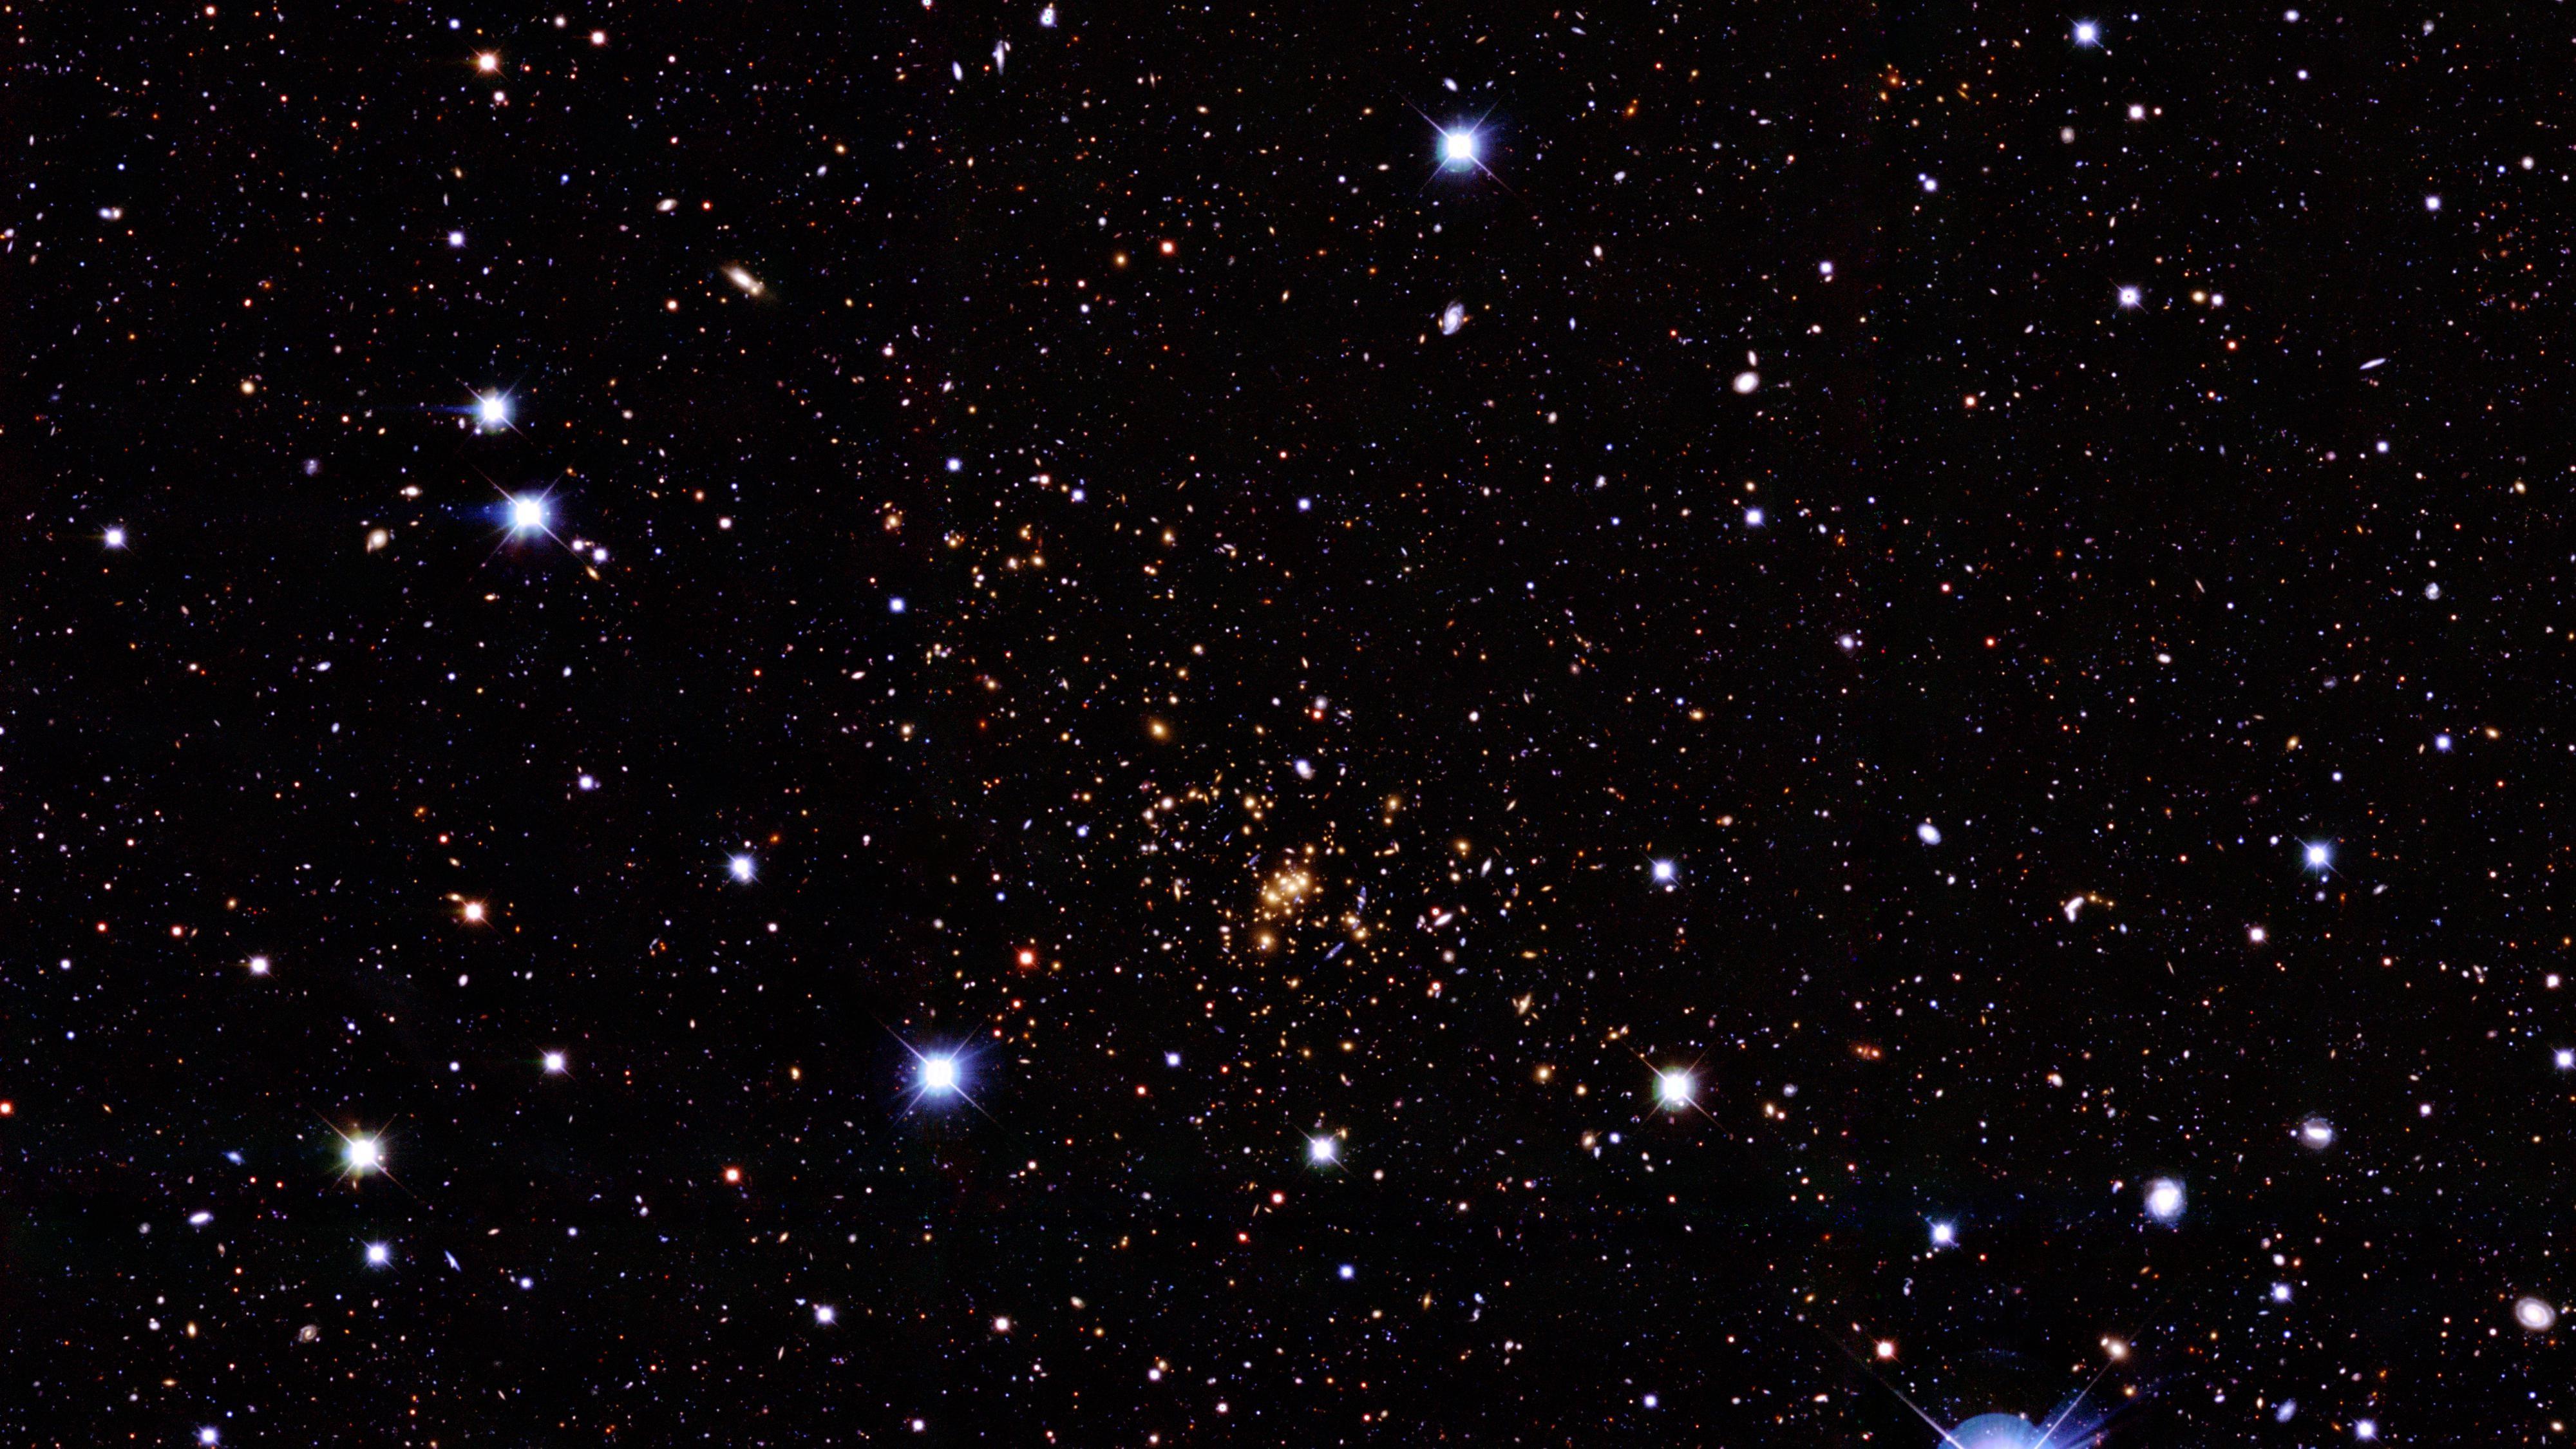 Wallpaper : 4000x2250 px, space, stars 4000x2250 ...